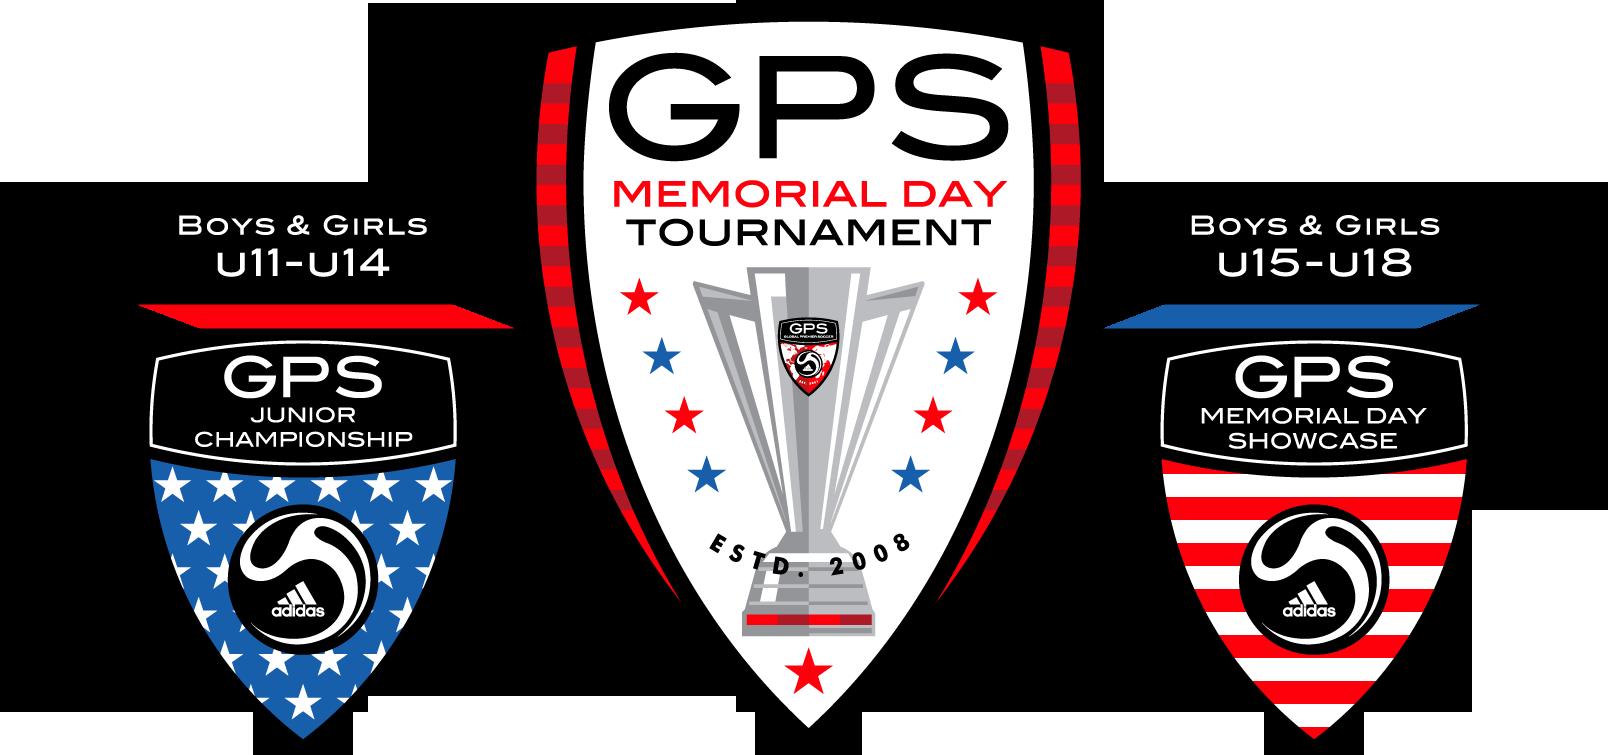 GPS_Memorial_Day_Showcase_logo_vector.png